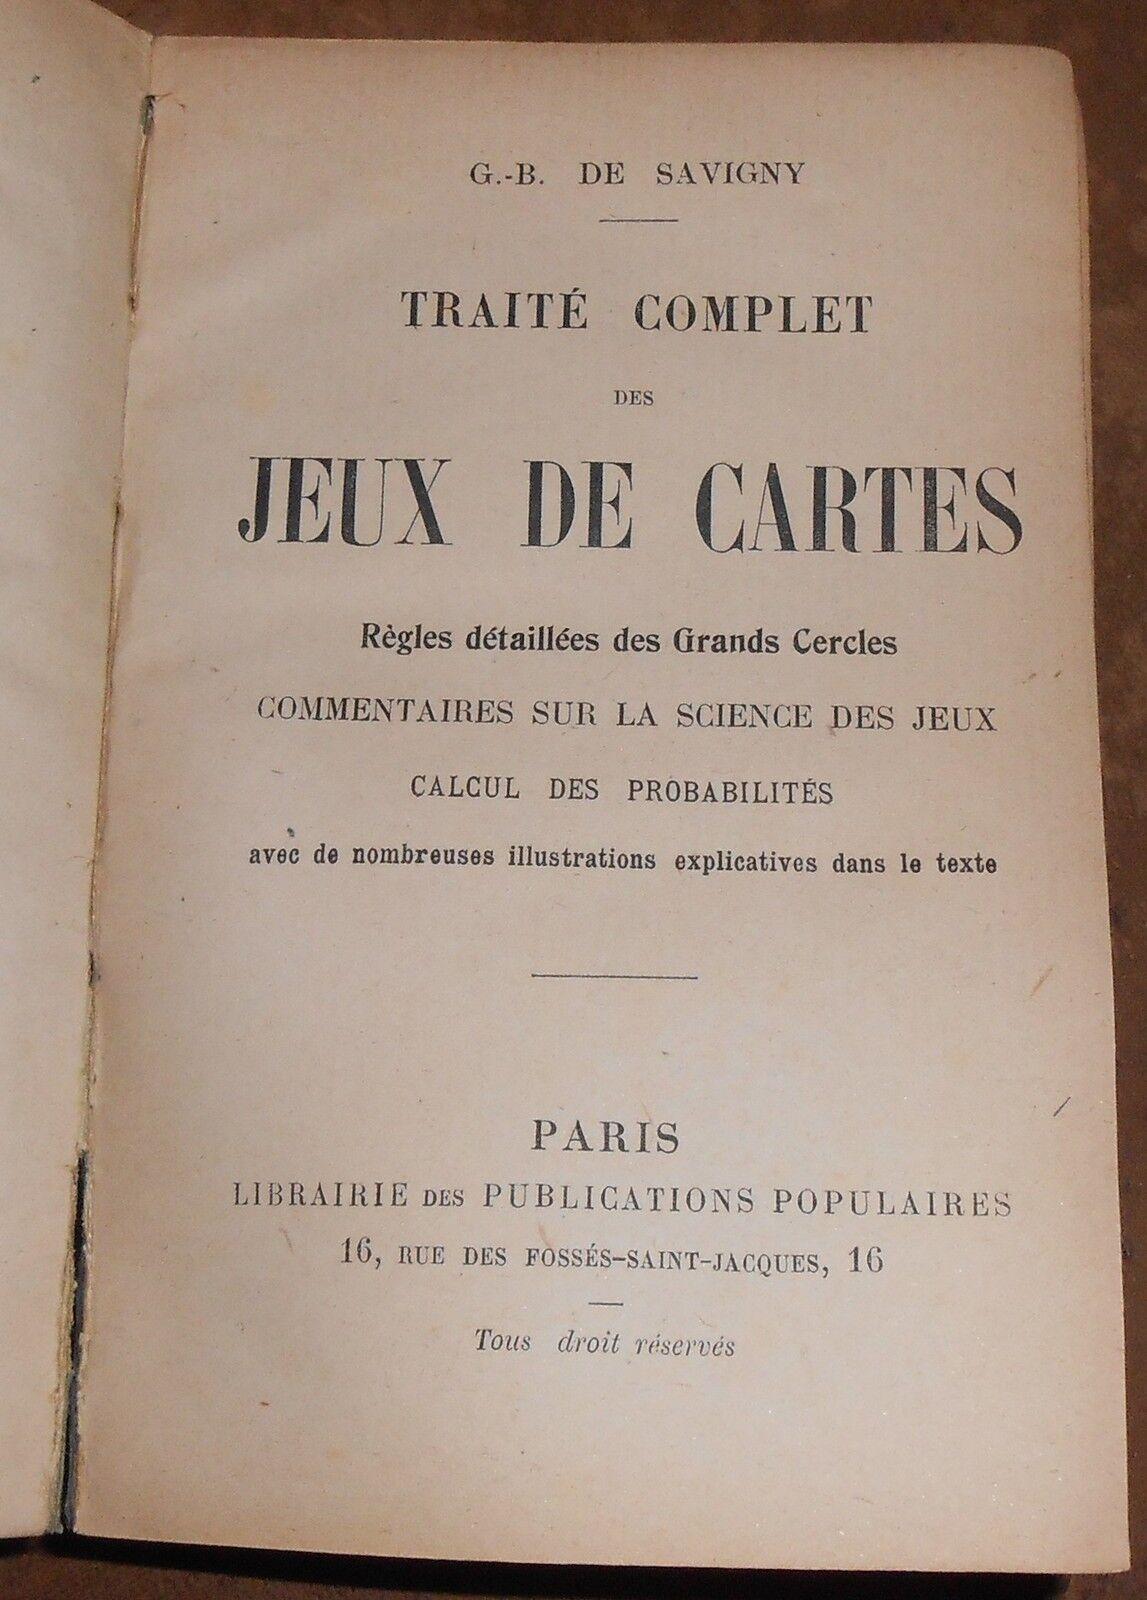 Traité Complet des Jeux de Cartes - Règles détaillées des grands cercles ...